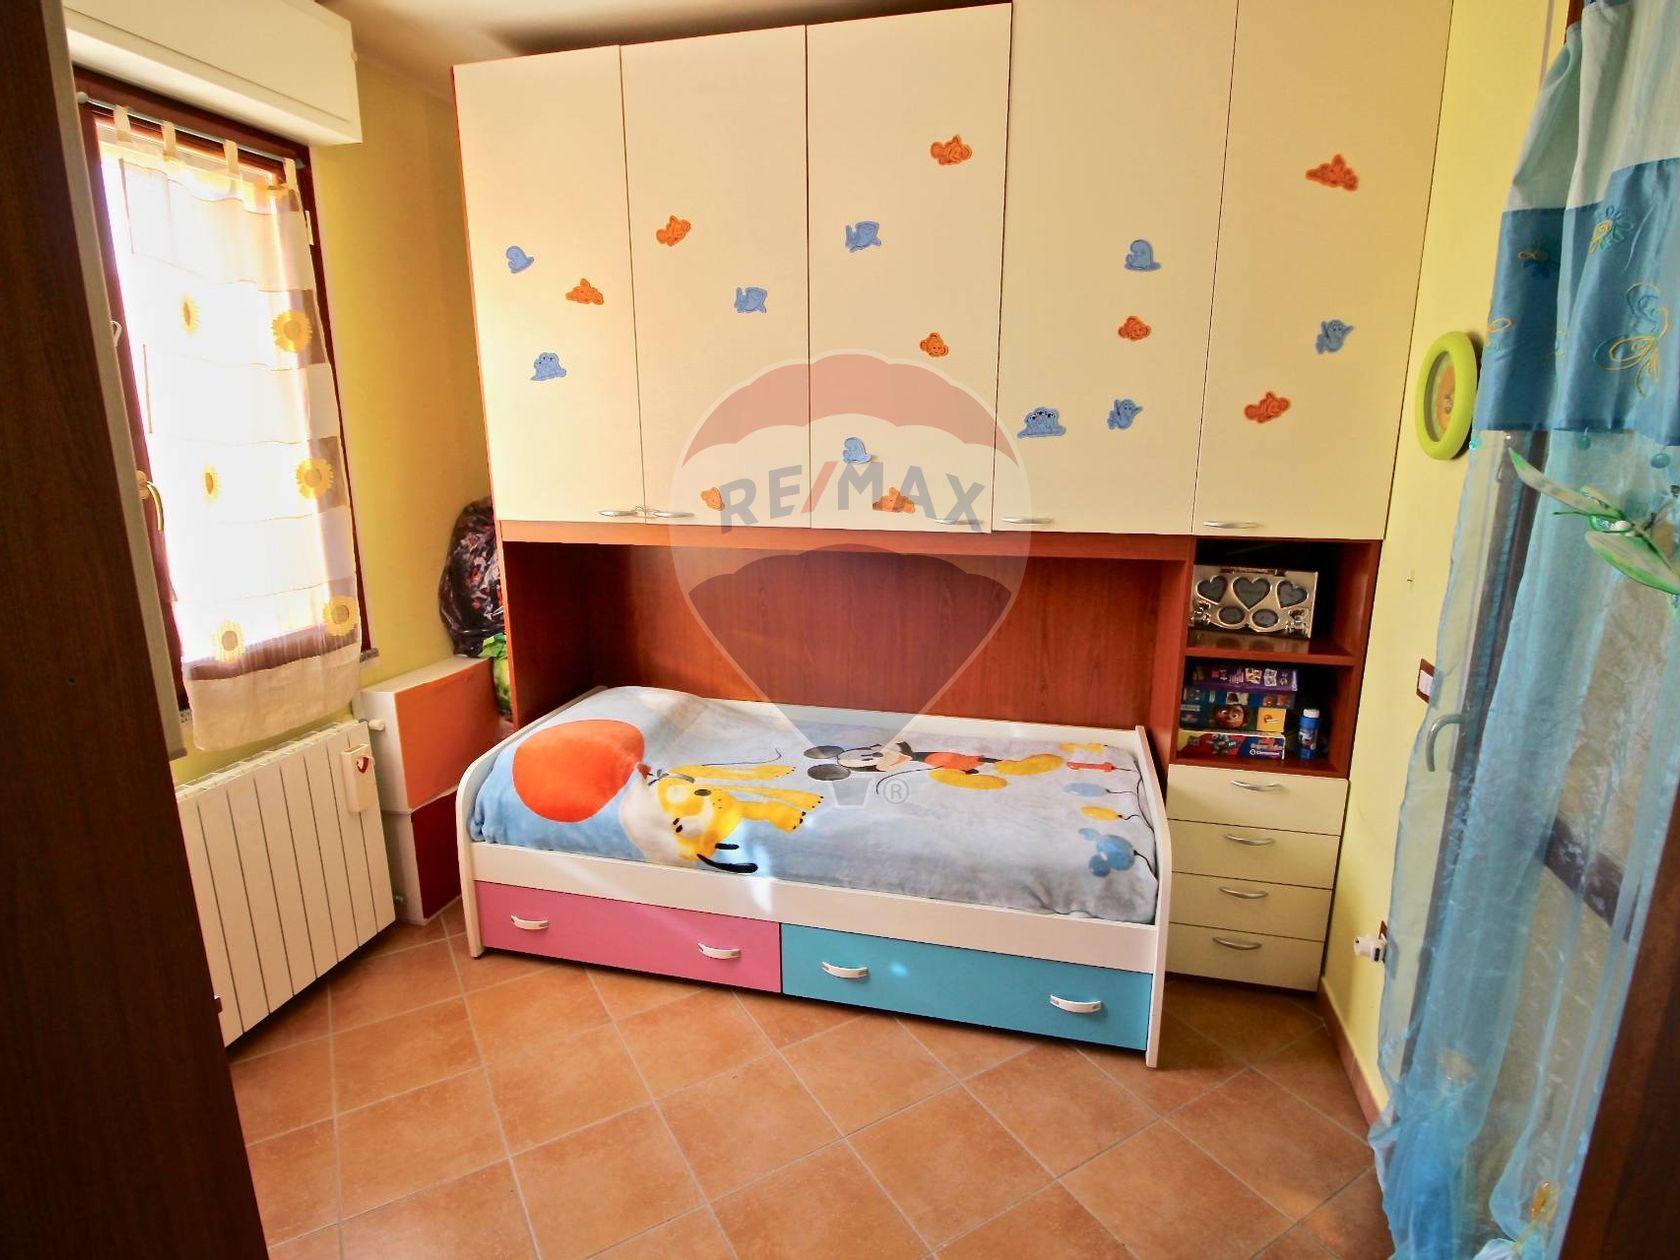 Appartamento Ss-sassari 2, Sassari, SS Vendita - Foto 8